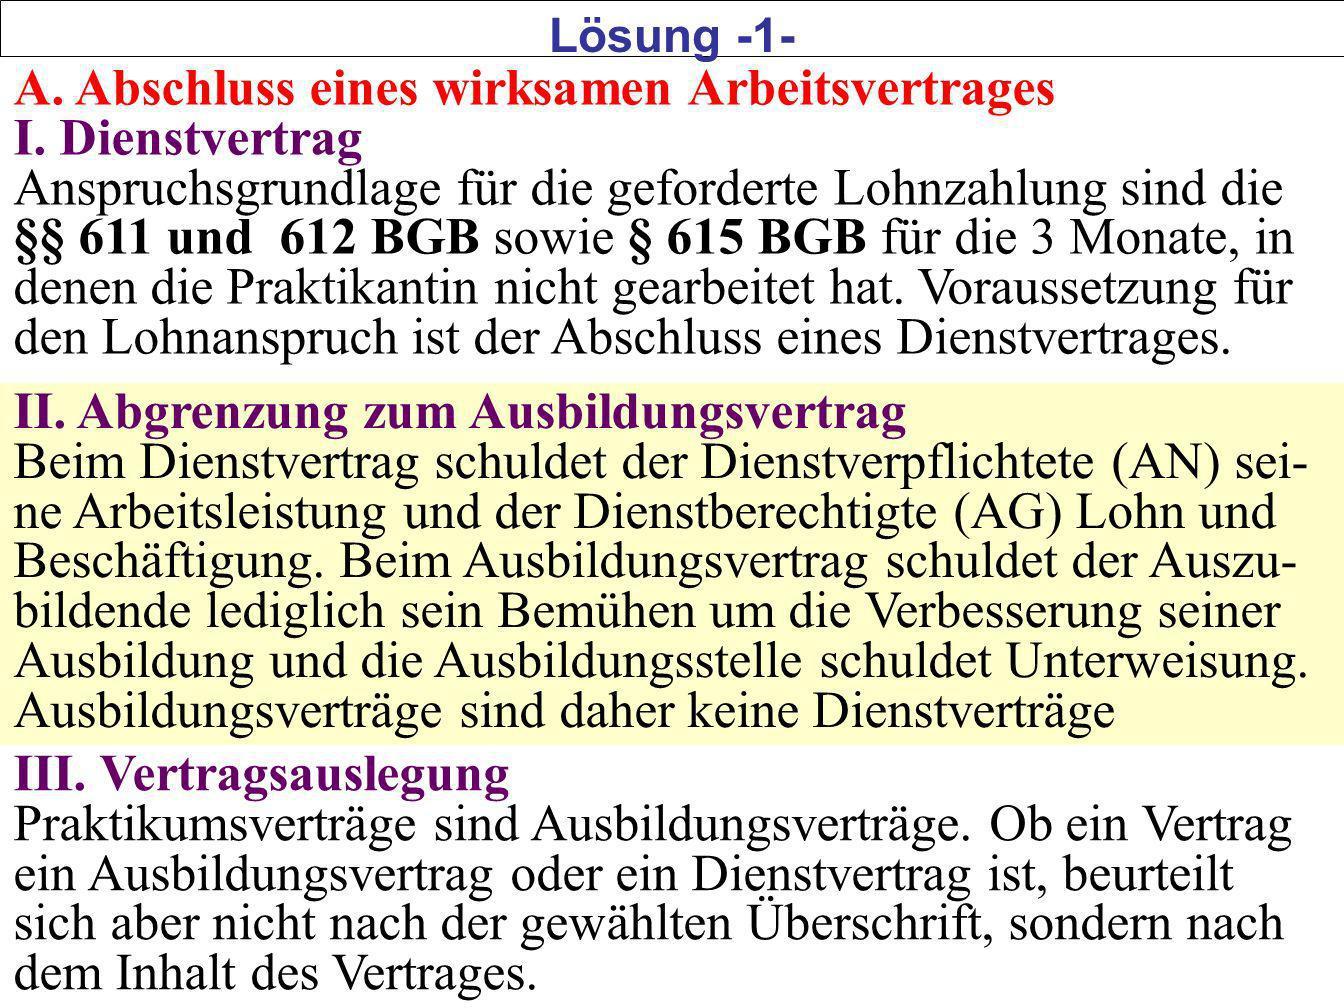 Lösungsskizze zu Betriebsrat in der Lidl-Filiale Mitarbeiter im Sinne von § 1.